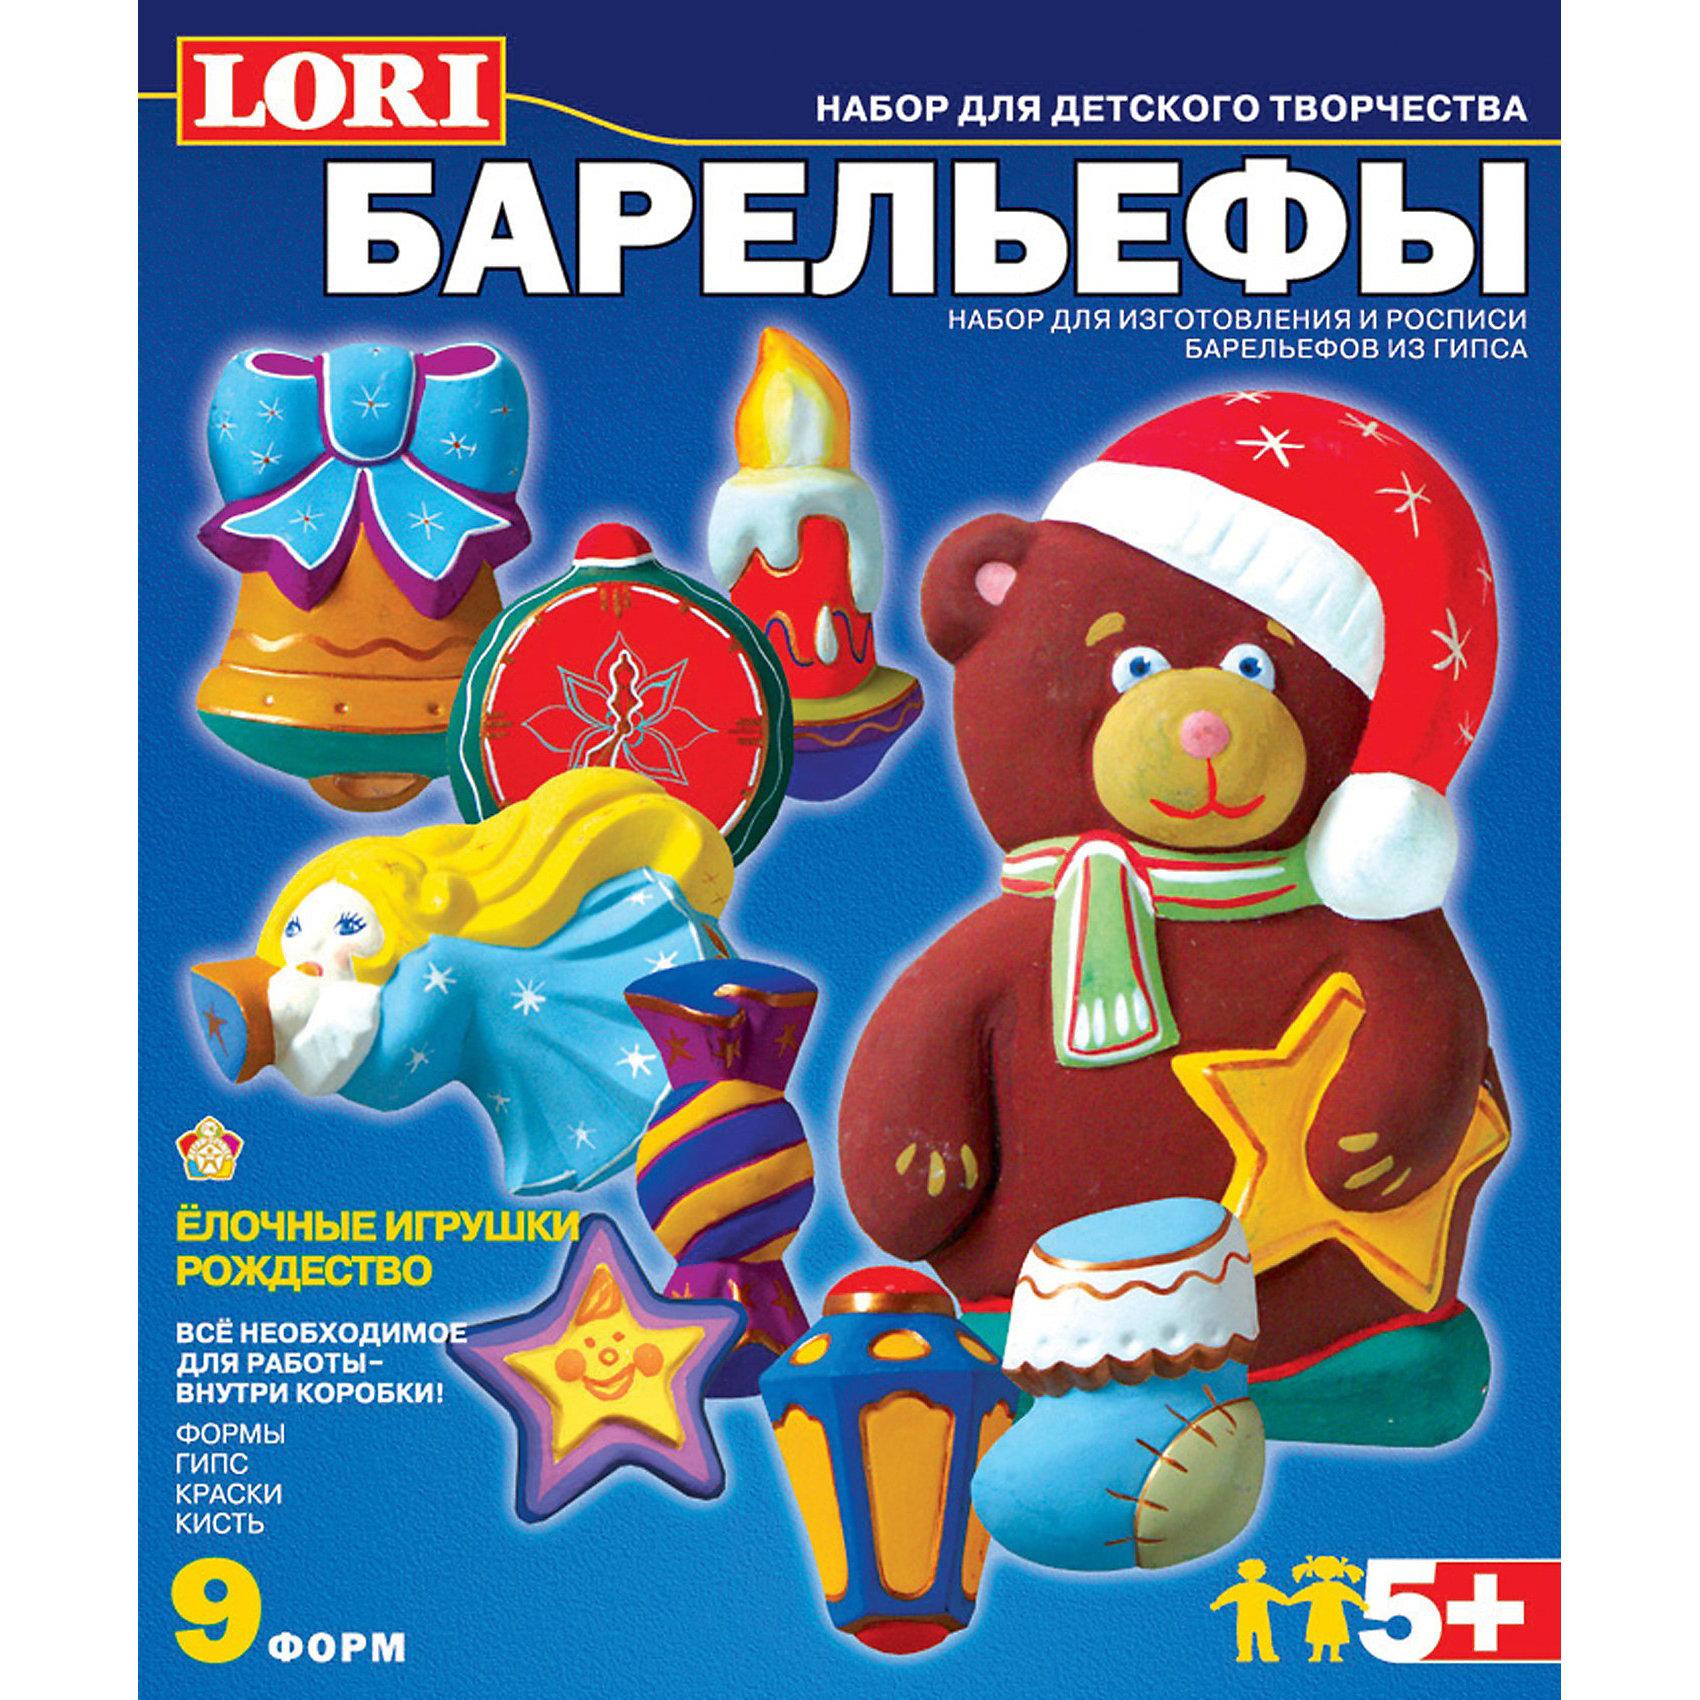 Набор для отливки Ёлочные игрушки. Рождество, LORIЛепка<br>Набор для отливки Ёлочные игрушки. Рождество, LORI станет самым интересным занятием для Вашего малыша!<br>Готовое изделие – функциональная вещь.<br>Объемная фоторамка, фигурка на магните, подсвечник, тарелочка или красочная картинка могут стать украшением интерьера, подвеской, ёлочной игрушкой, эмблемой и послужить оригинальным подарком, сувениром.<br>Особое развивающее значение заключается в том, что процесс раскрашивания не предполагает точного копирования с образца на упаковке, ребенку можно и нужно применить фантазию и показать, каким он видит образ.<br>Творческий процесс такого рода позволяет снять стресс и усталость. Занятия с наборами этих серий положительно влияют на развитие образного мышления, эстетического восприятия и формирование художественного вкуса.<br><br>Дополнительная информация:<br><br>Размер: 220х185х50 мм.<br><br>Вес: 437 г.<br><br>Станет прекрасным развивающим подарком Вашему малышу!<br>Легко купить в нашем интернет-магазине!<br><br>Ширина мм: 220<br>Глубина мм: 185<br>Высота мм: 50<br>Вес г: 437<br>Возраст от месяцев: 60<br>Возраст до месяцев: 144<br>Пол: Унисекс<br>Возраст: Детский<br>SKU: 3376815